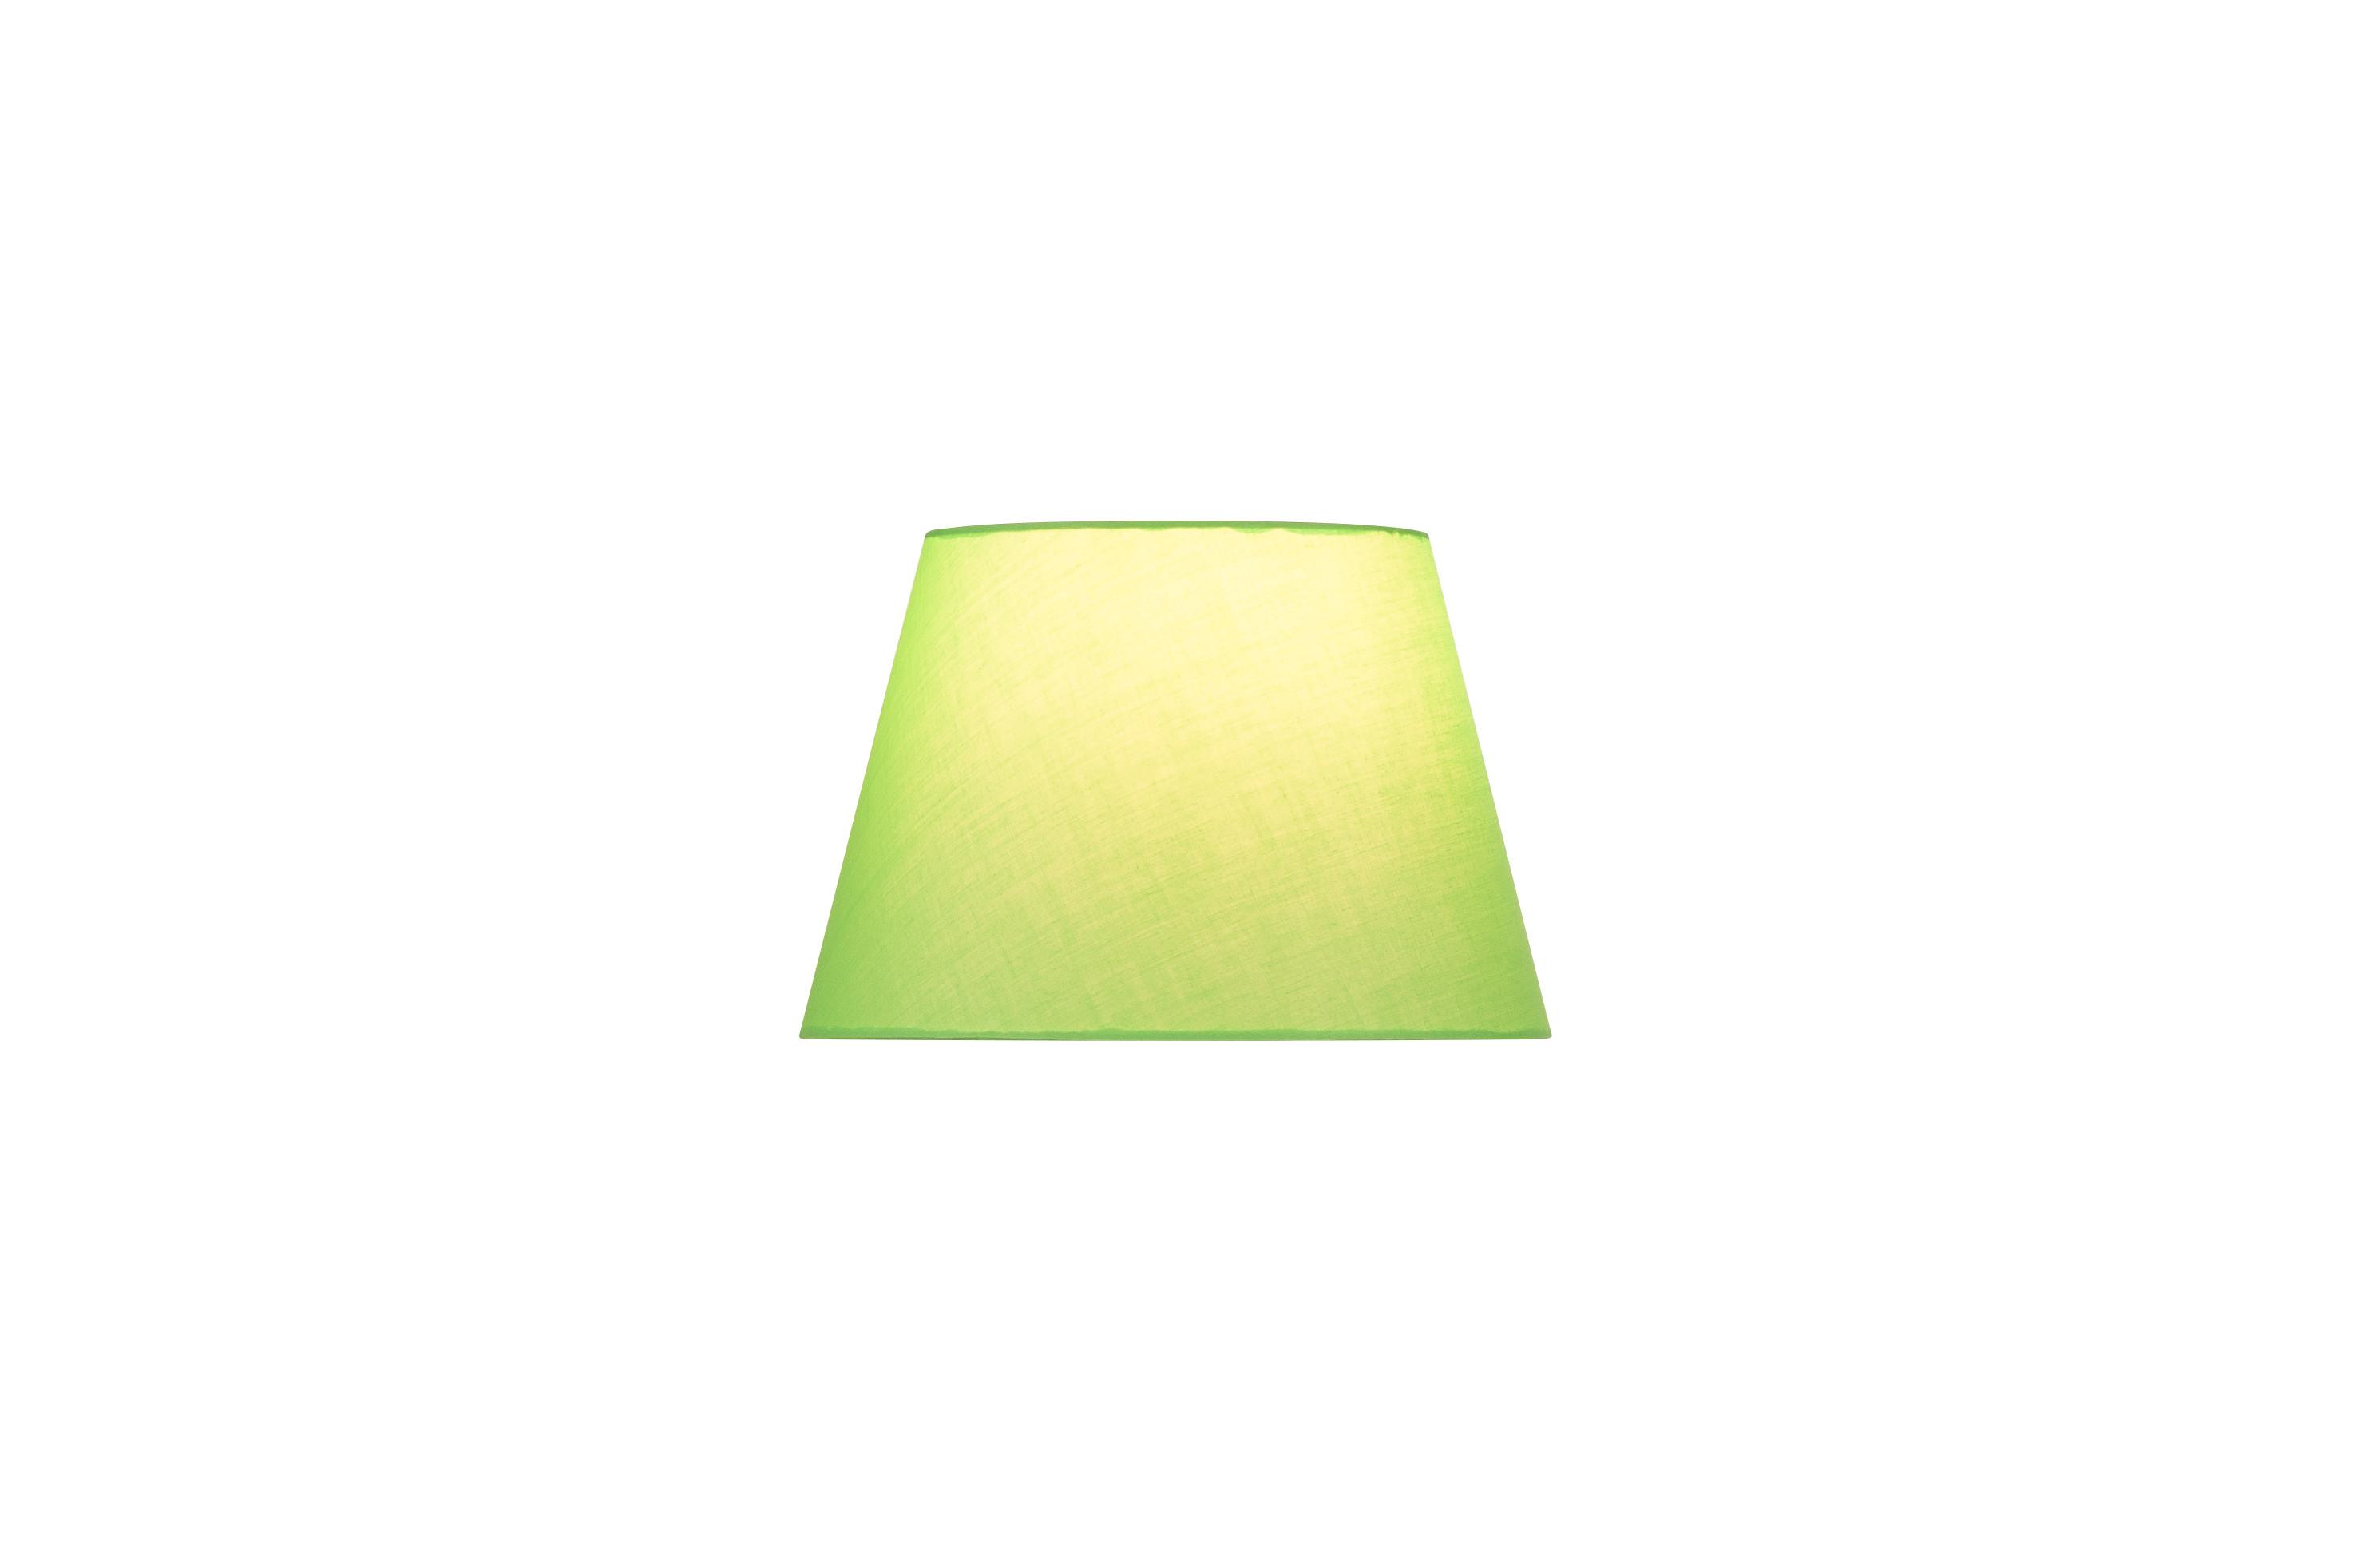 1 Stk FENDA, Leuchtenschirm, konisch, grün, Ø/H 30/20 cm LI156165--